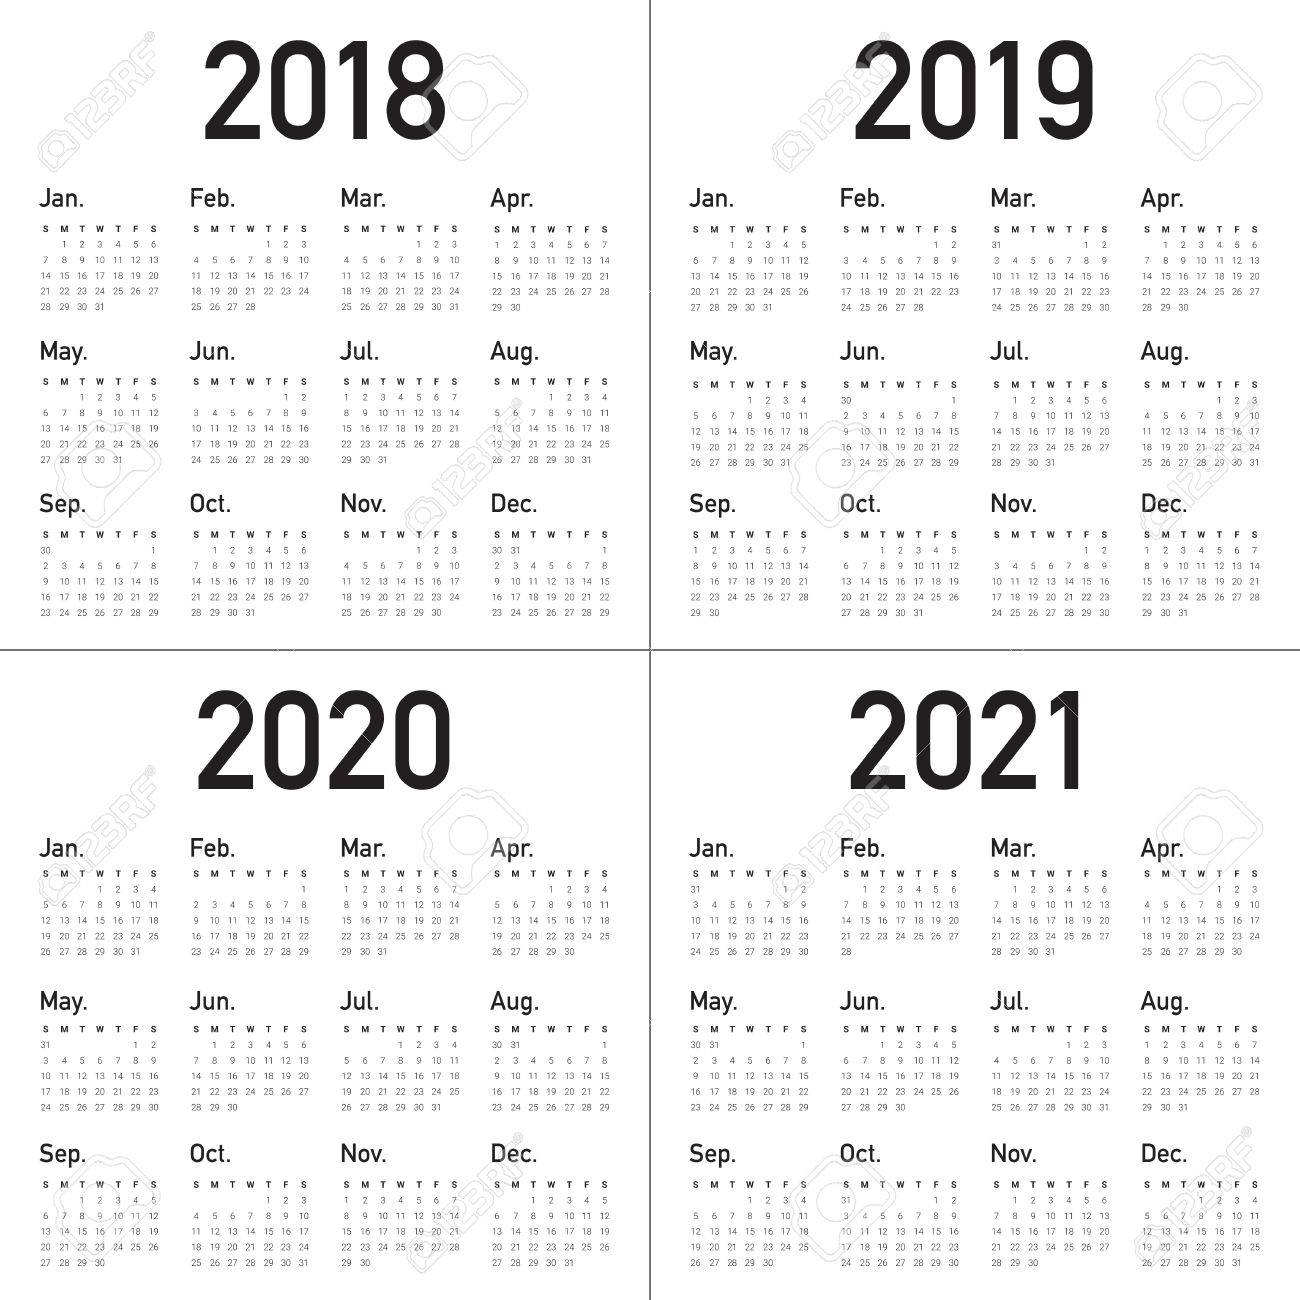 Calendario 2020 Y 2019.Ano 2018 2019 2020 2021 Plantilla De Diseno Vectorial Calendario Diseno Simple Y Limpio